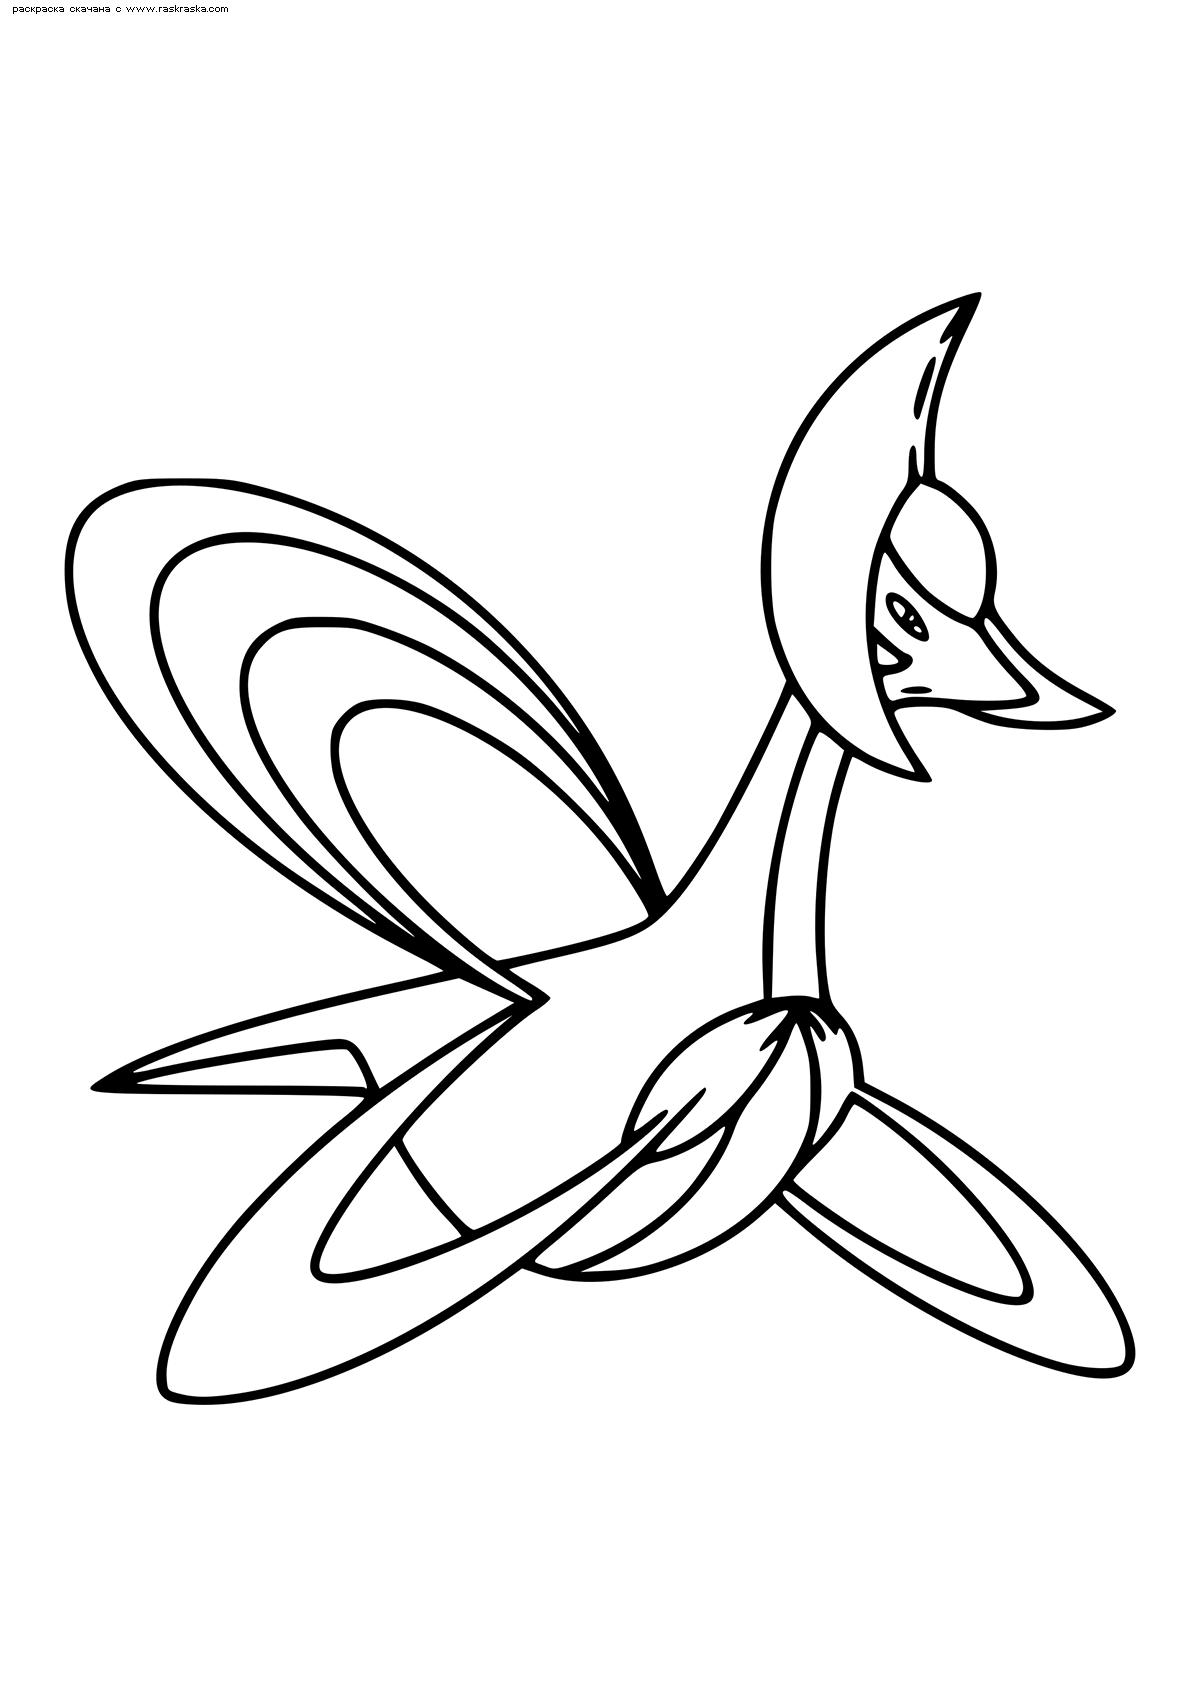 Раскраска Легендарный покемон Кресселиа (Cresselia). Раскраска Покемон